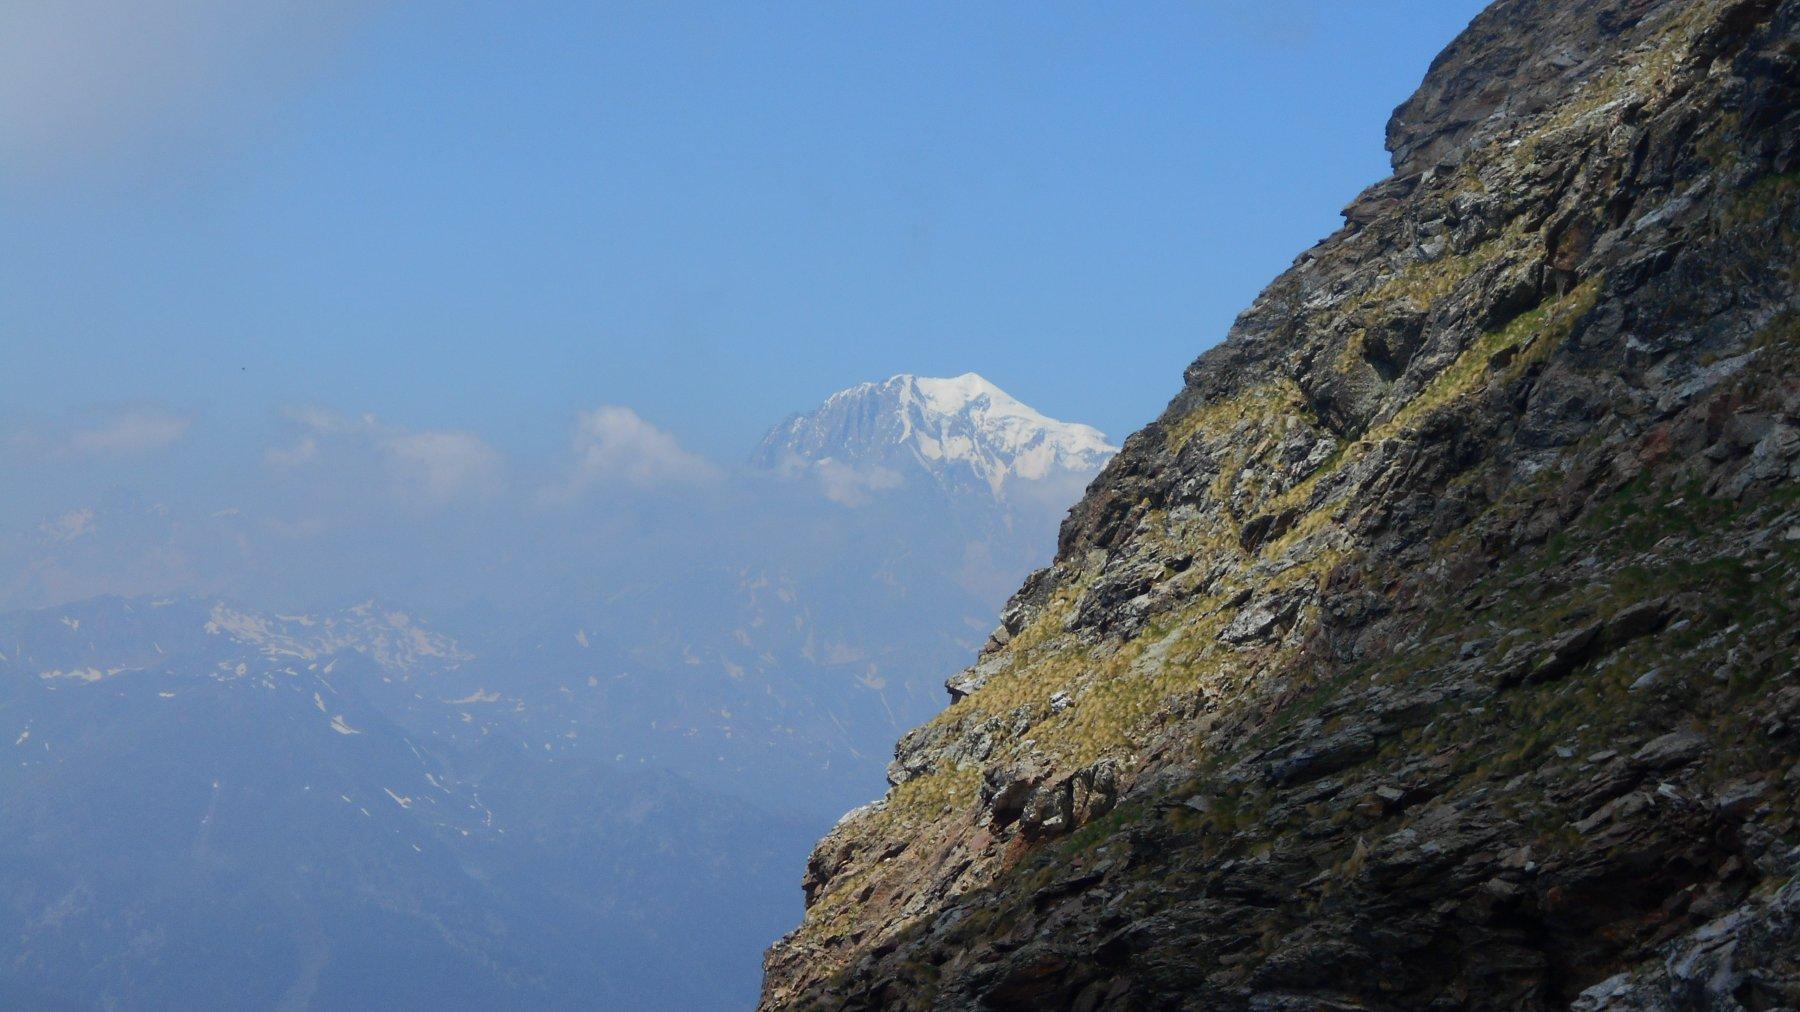 il M. Bianco appare dietro alla cresta della Becca di Viou durate la salita